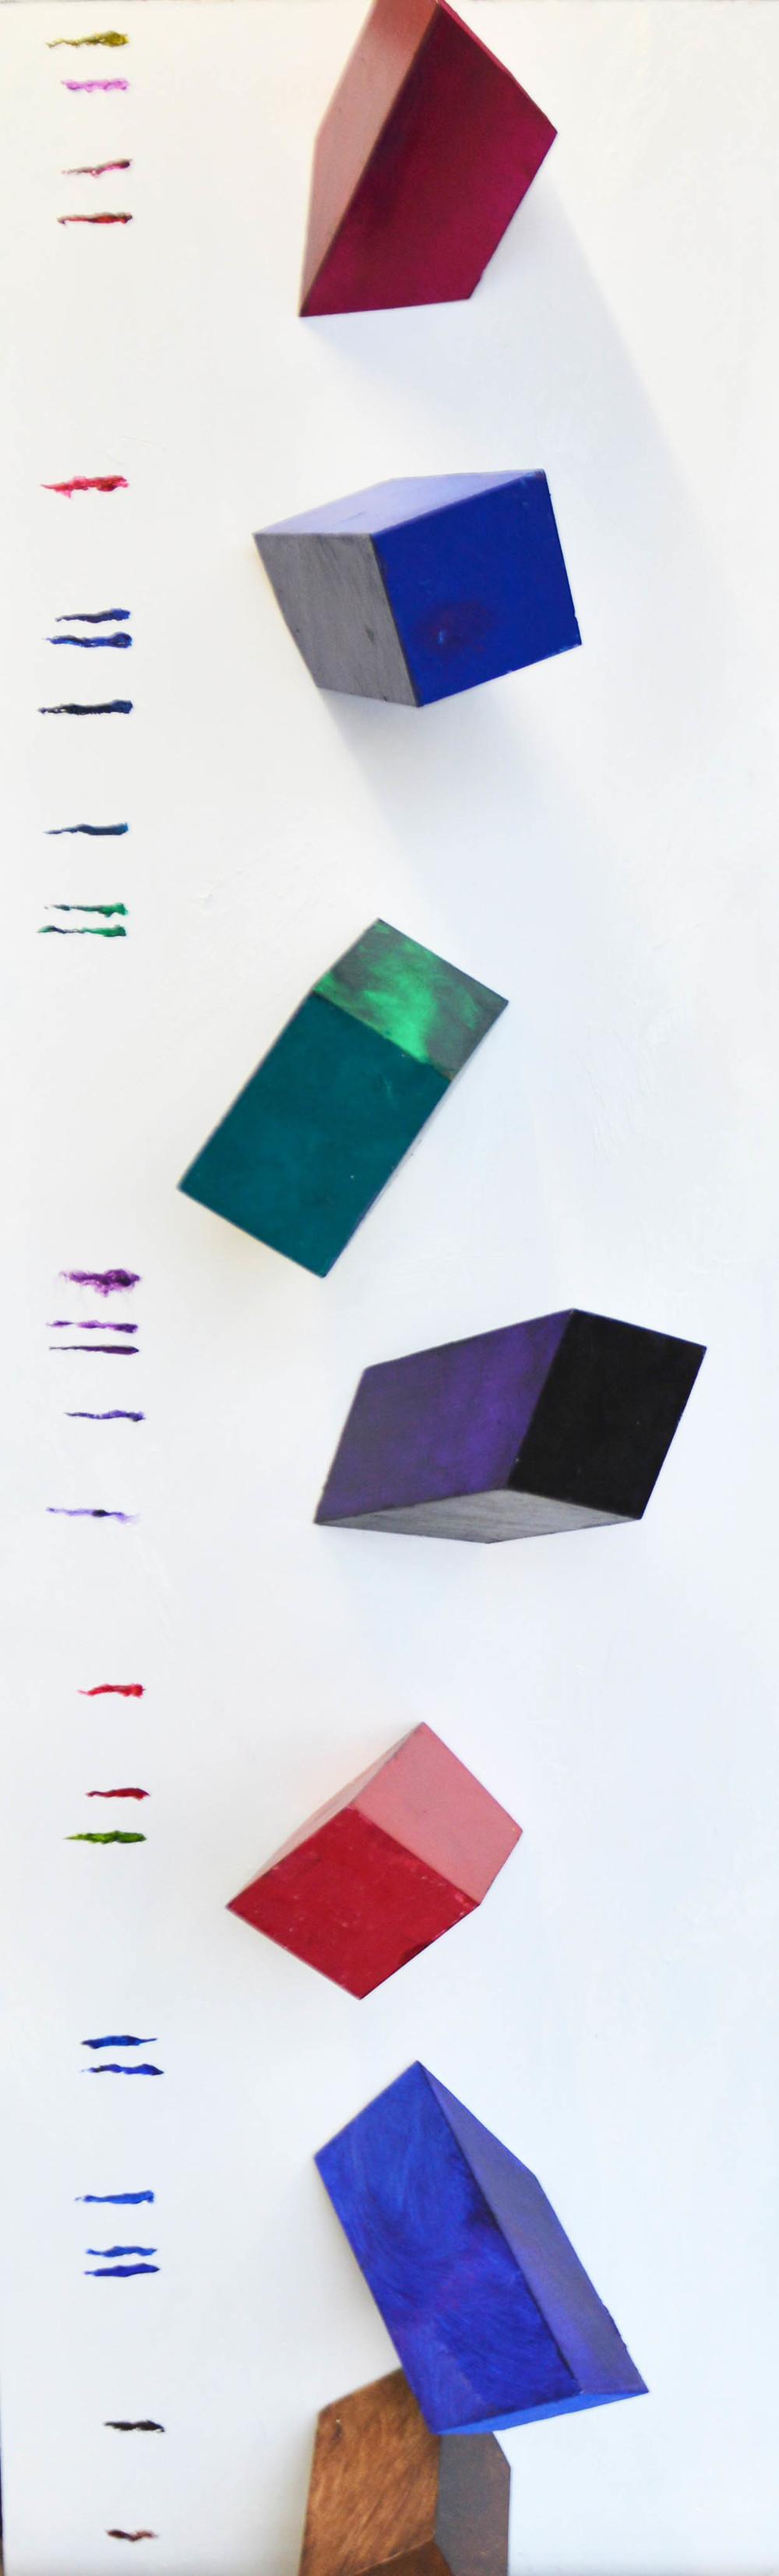 colour study 3d2.jpg